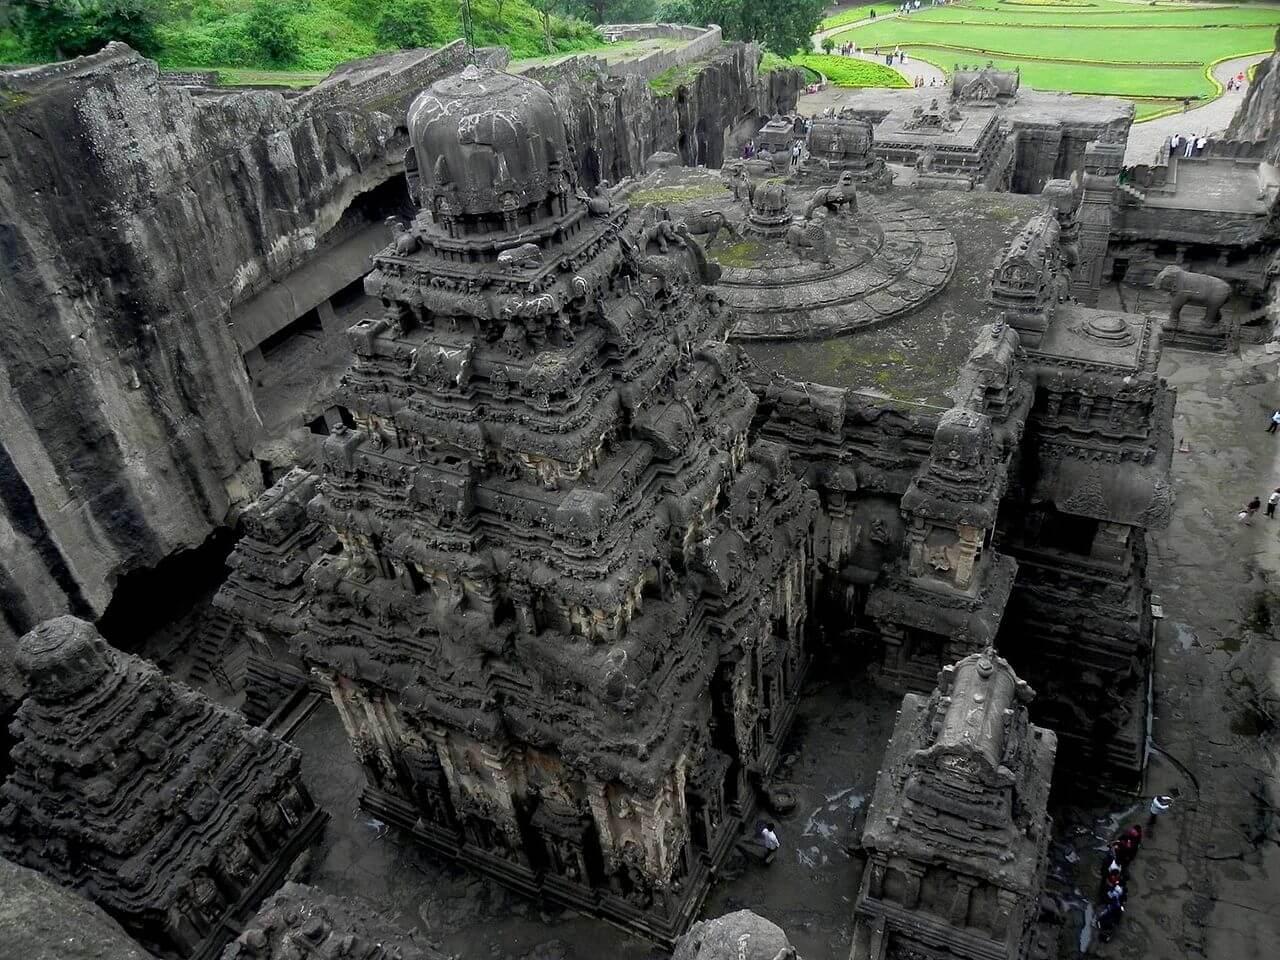 Shikhara del tempio di Kailasa